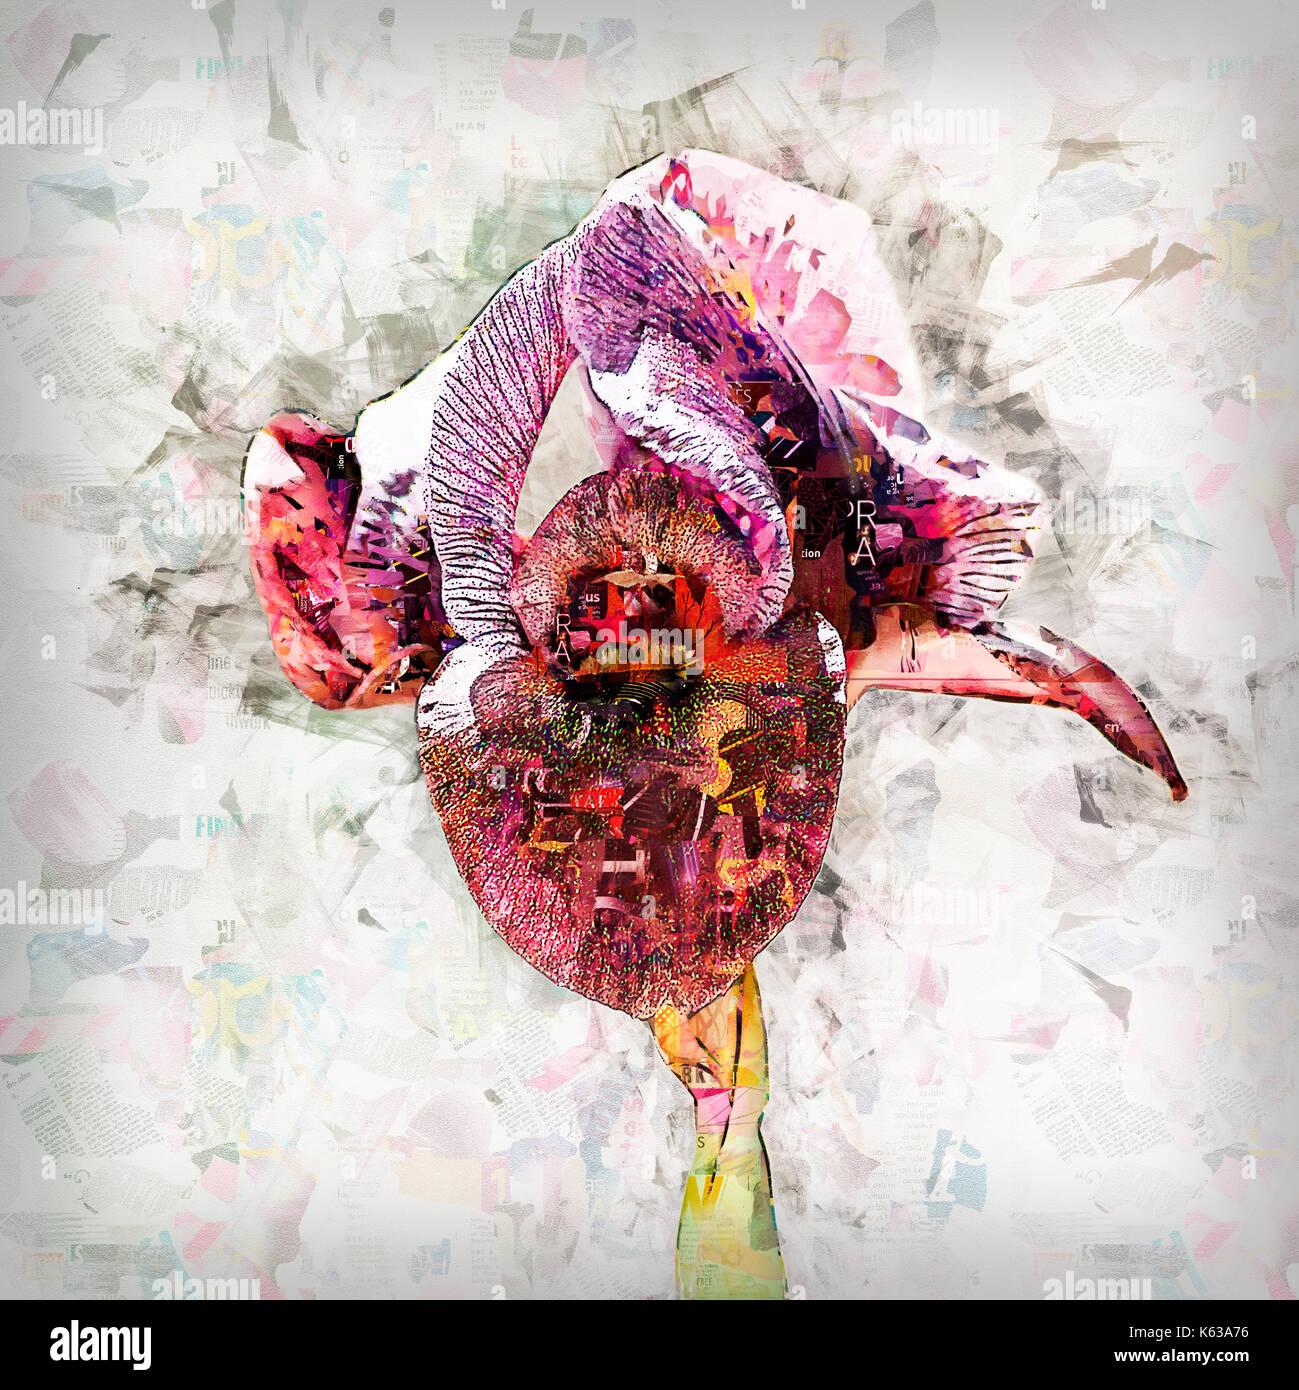 Digitally enhanced image of Iris petrana, (Petra Iris or Yeruham Iris) in natural habitat. Photographed in Israel, Negev near Yeruham - Stock Image